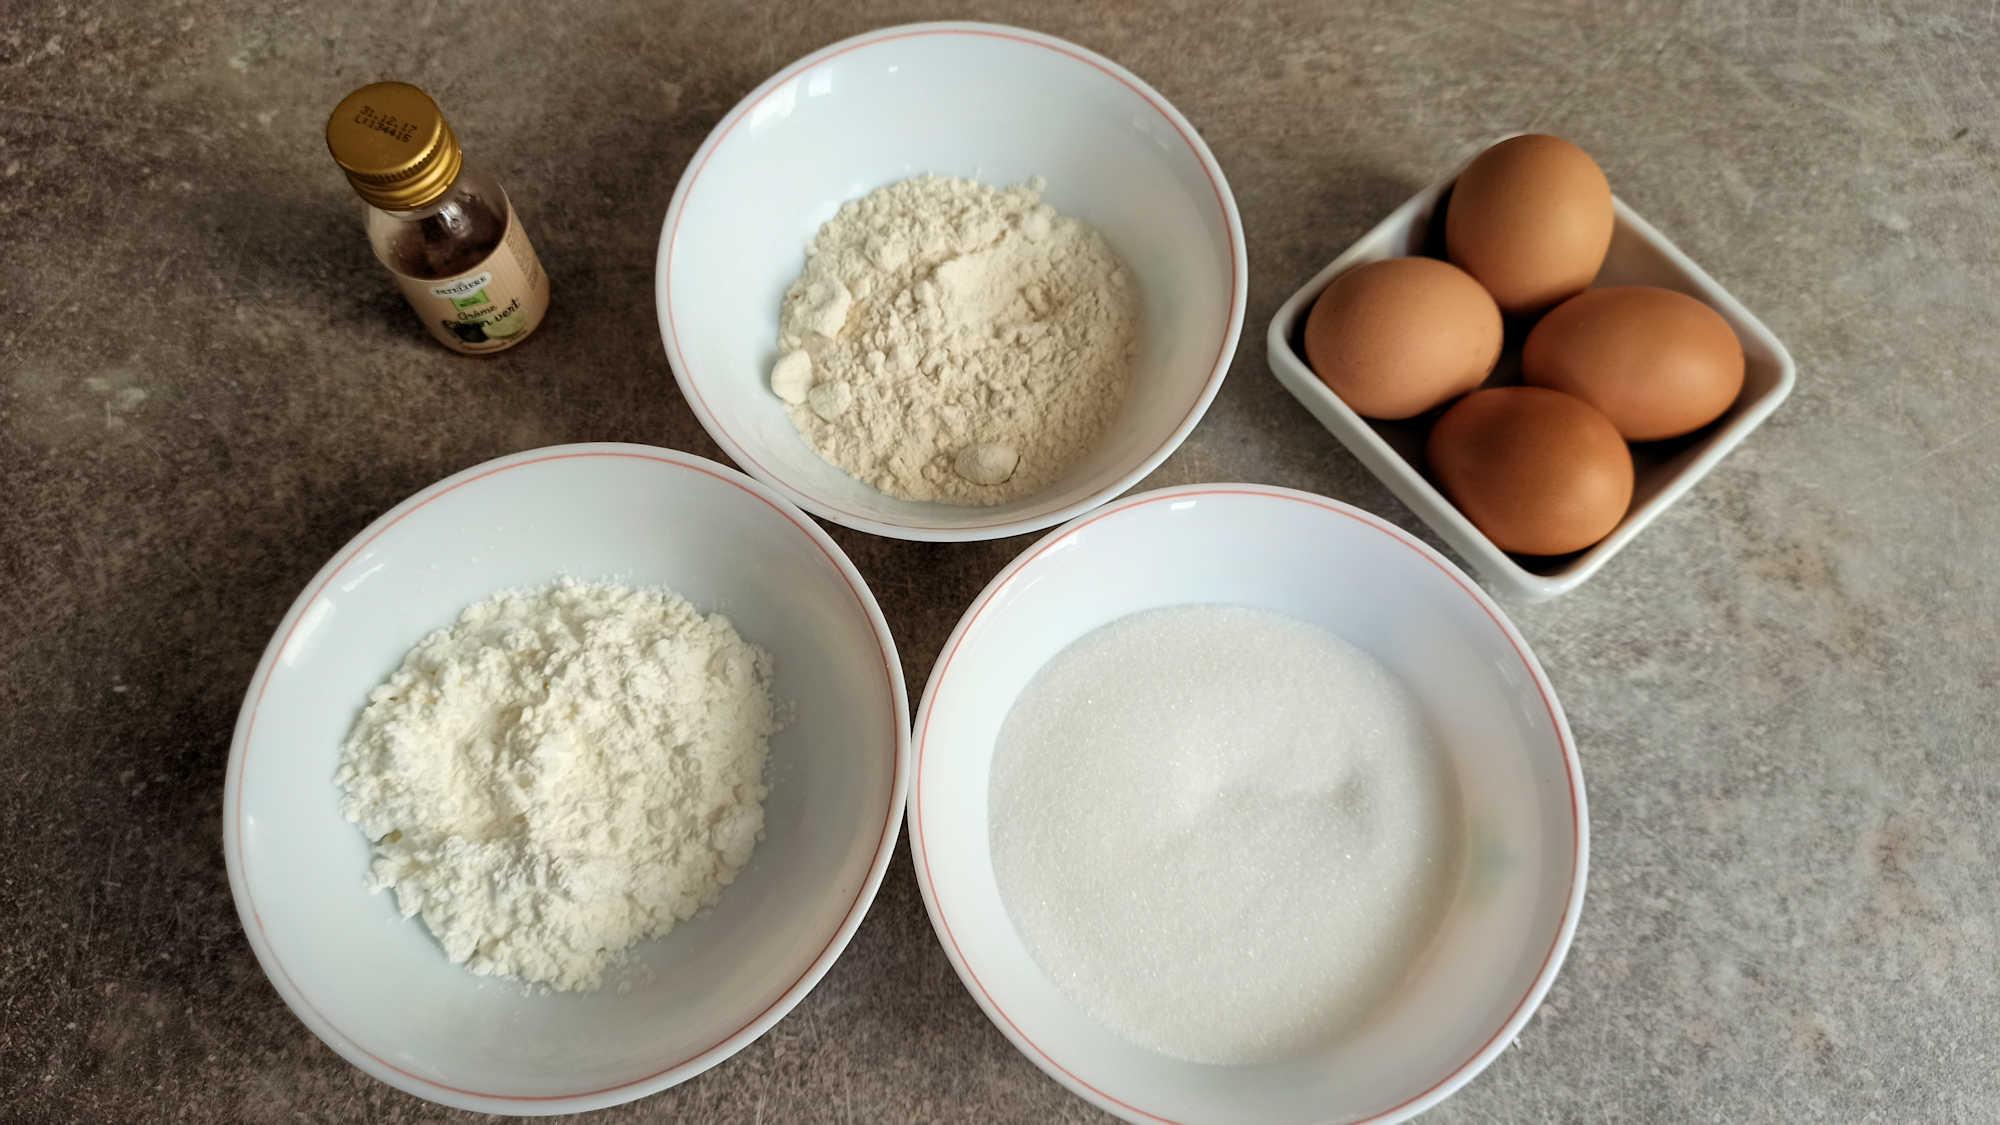 Les ingrédients du gâteau de Savoie